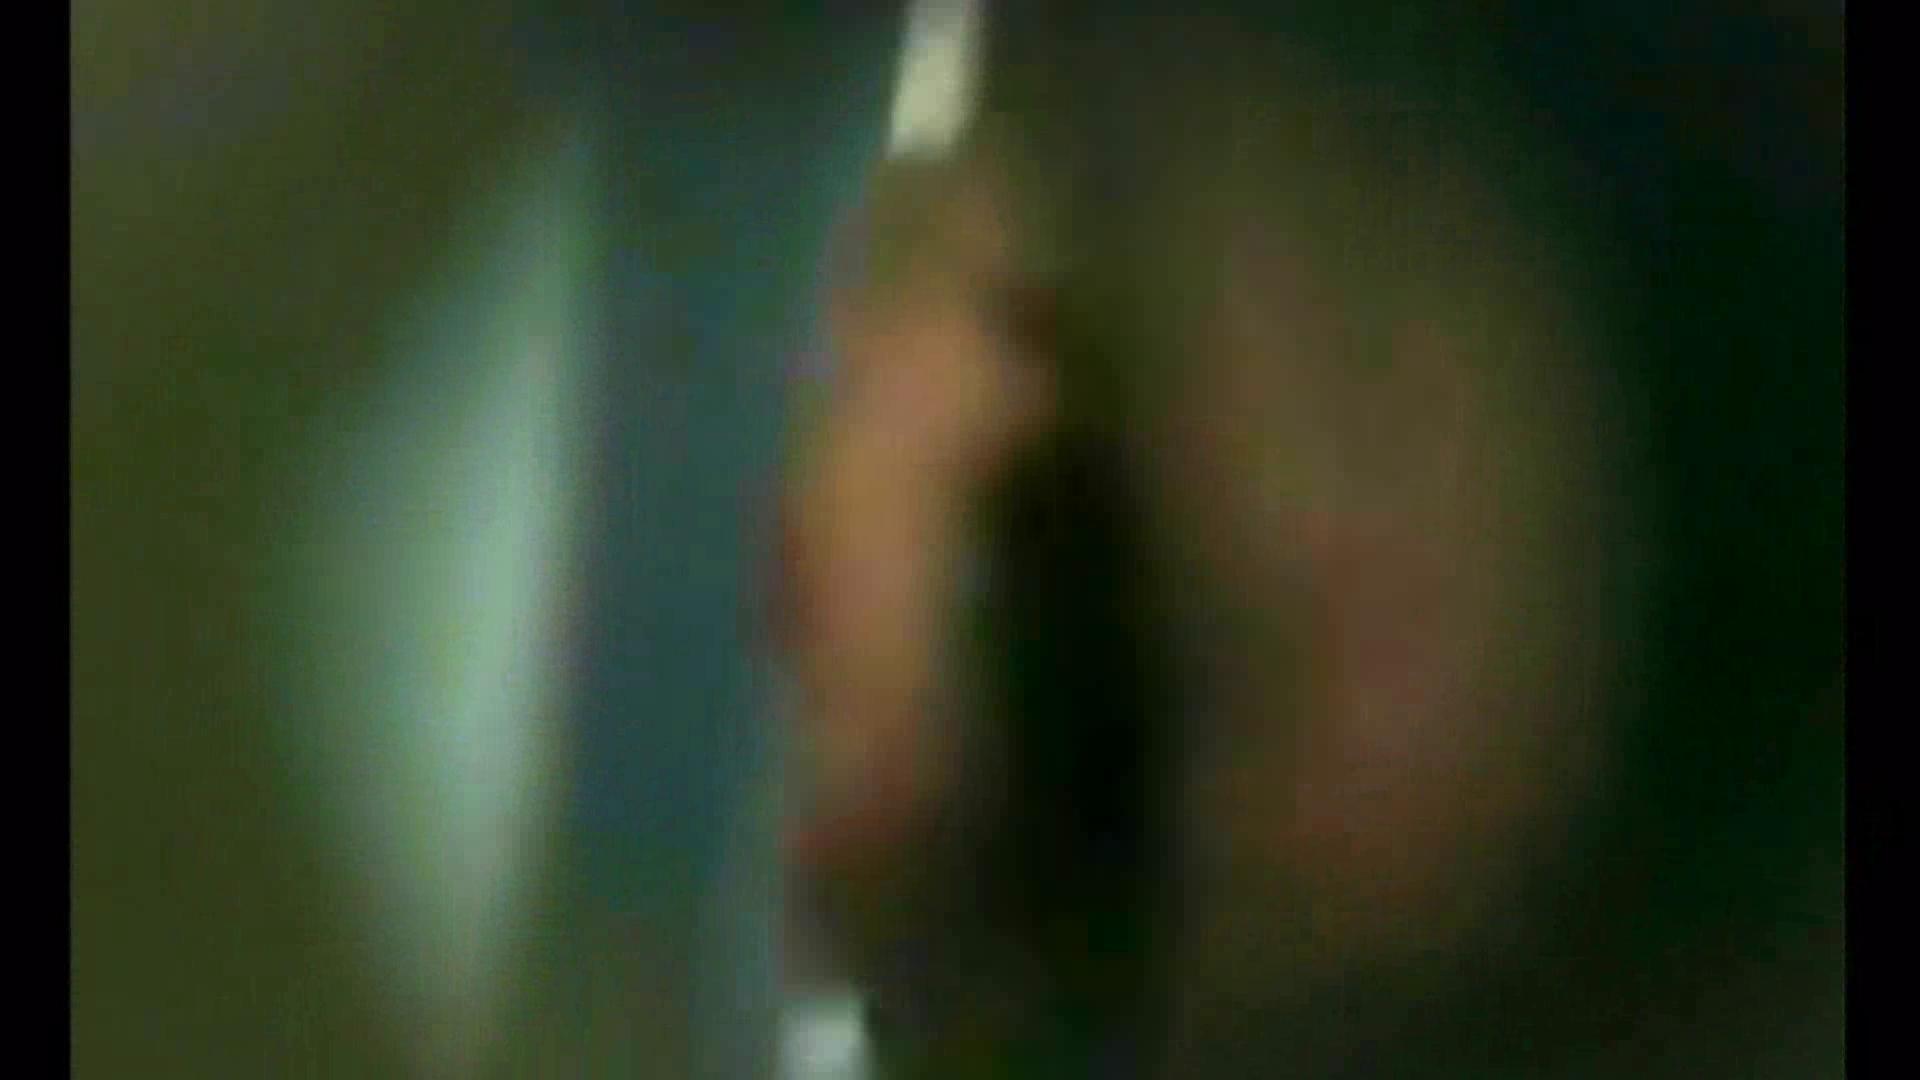 イケメンの素顔in洗面所 Vol.14 男天国 | イケメンのsex  102pic 28